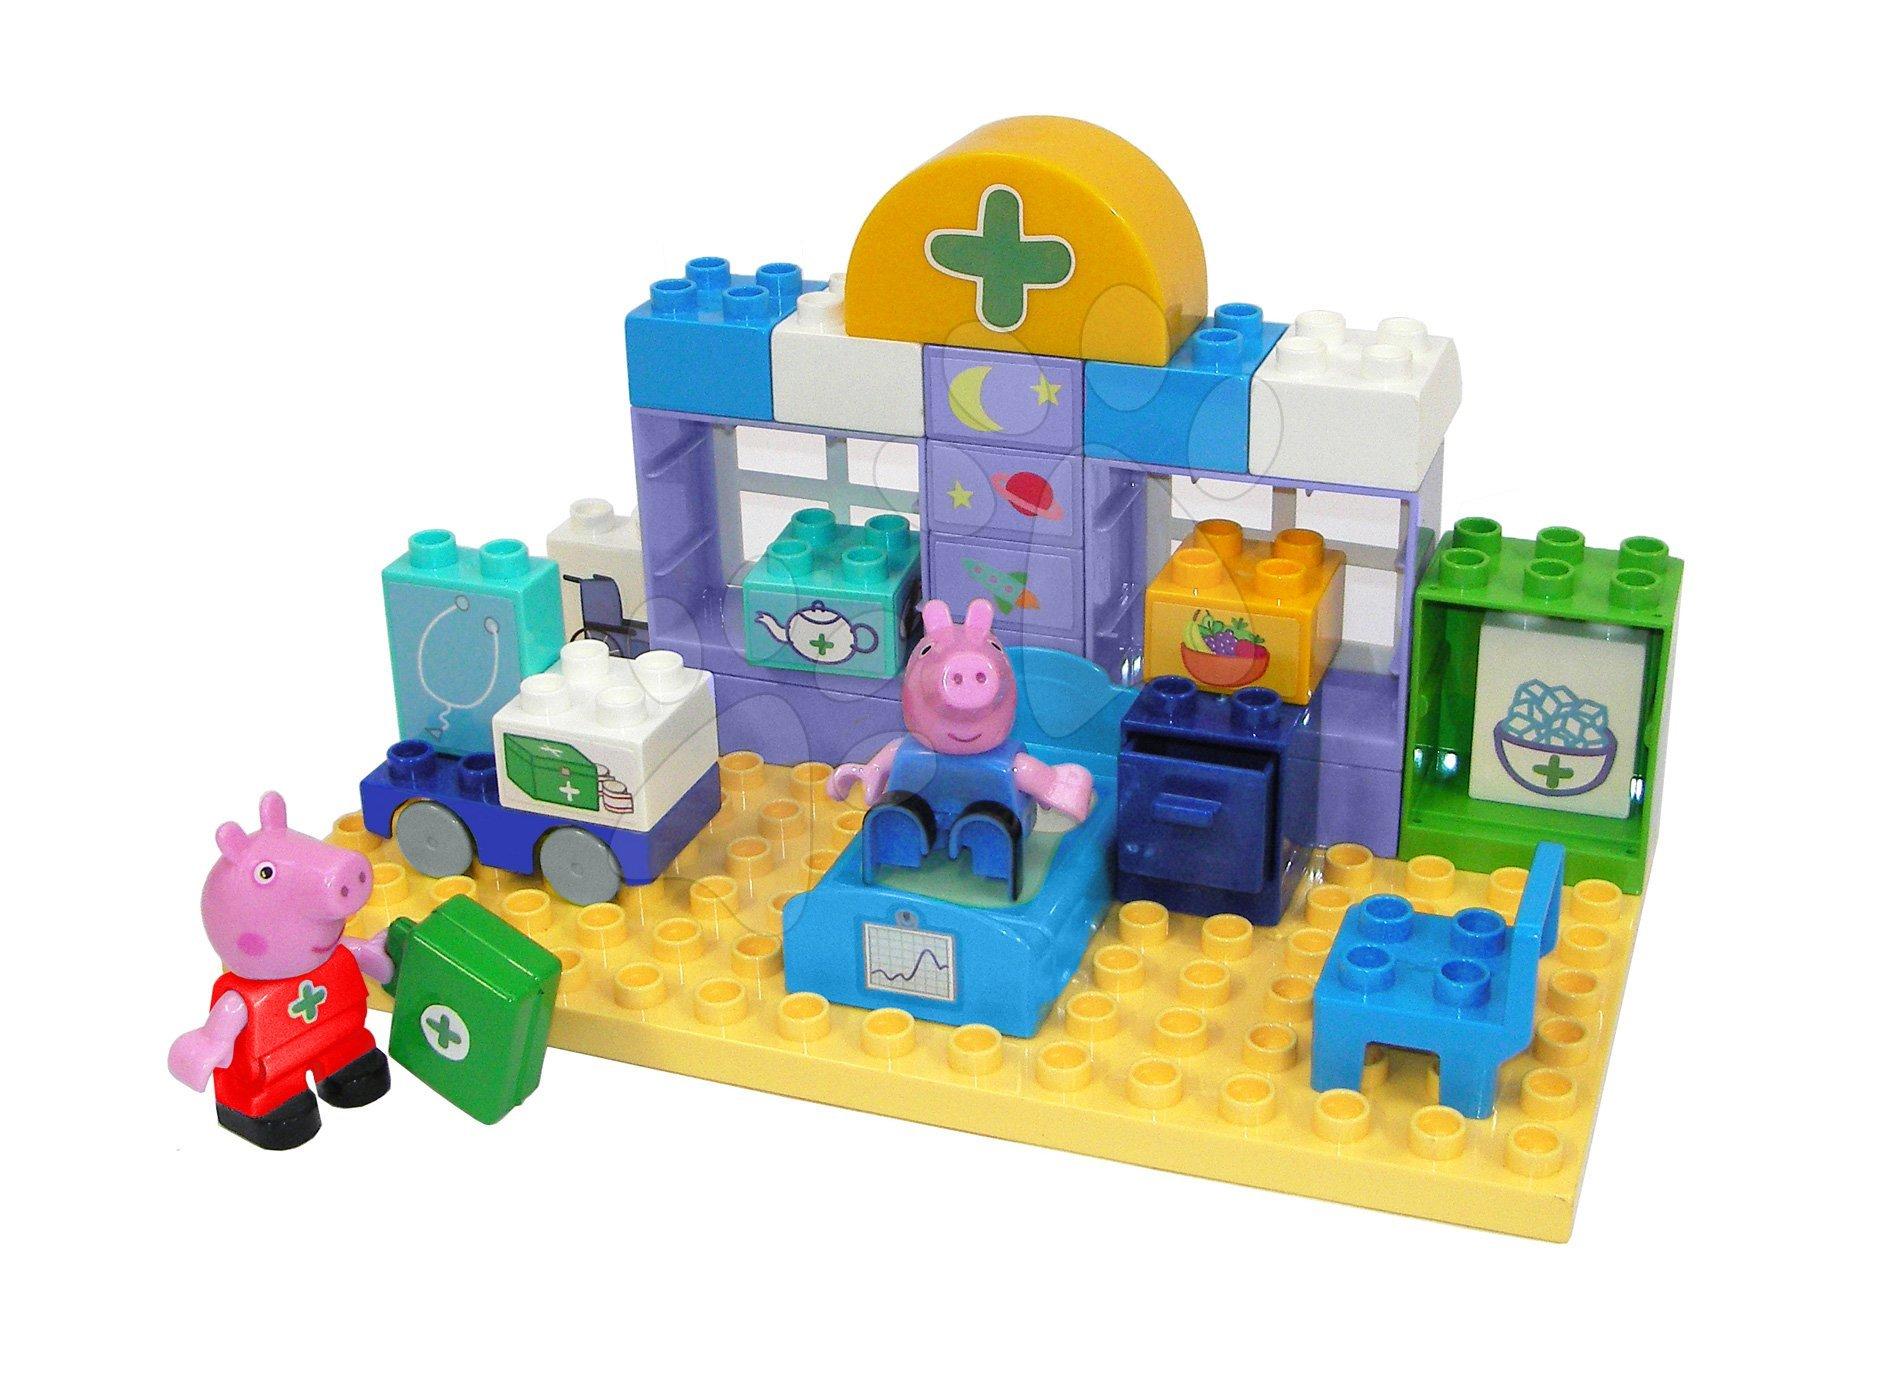 Stavebnice Peppa Pig Lékařský kufřík PlayBIG Bloxx BIG v nemocnici s 2 figurkami 32 dílů od 1,5–5 let